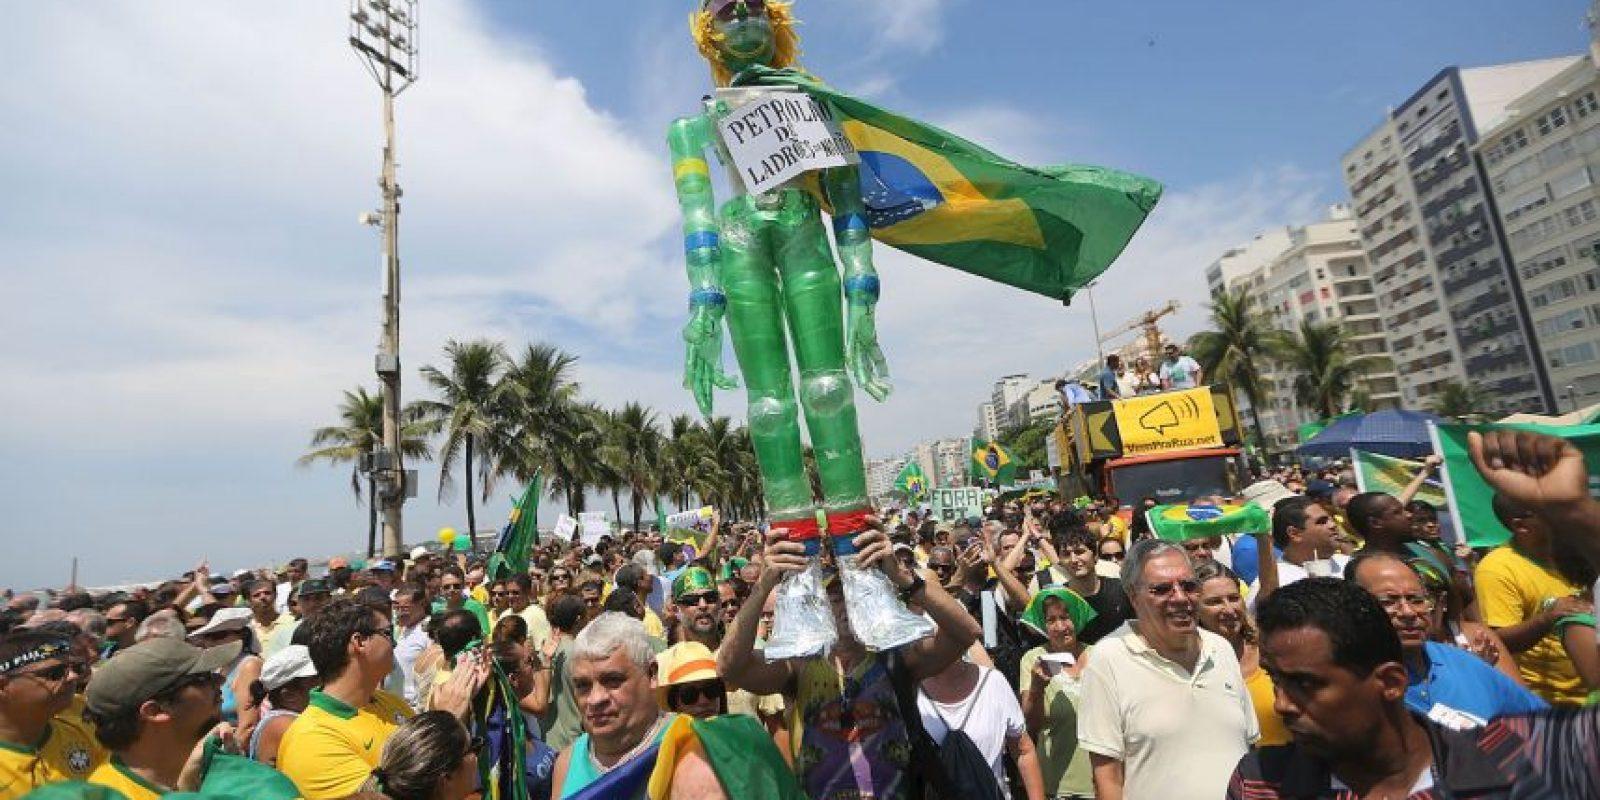 Los datos indican que el 47% de las personas que estuvieron en la Avenida Paulista, una de las principales de São Paulo, estaban motivadas por la lucha contra la corrupción. Foto:Getty Images